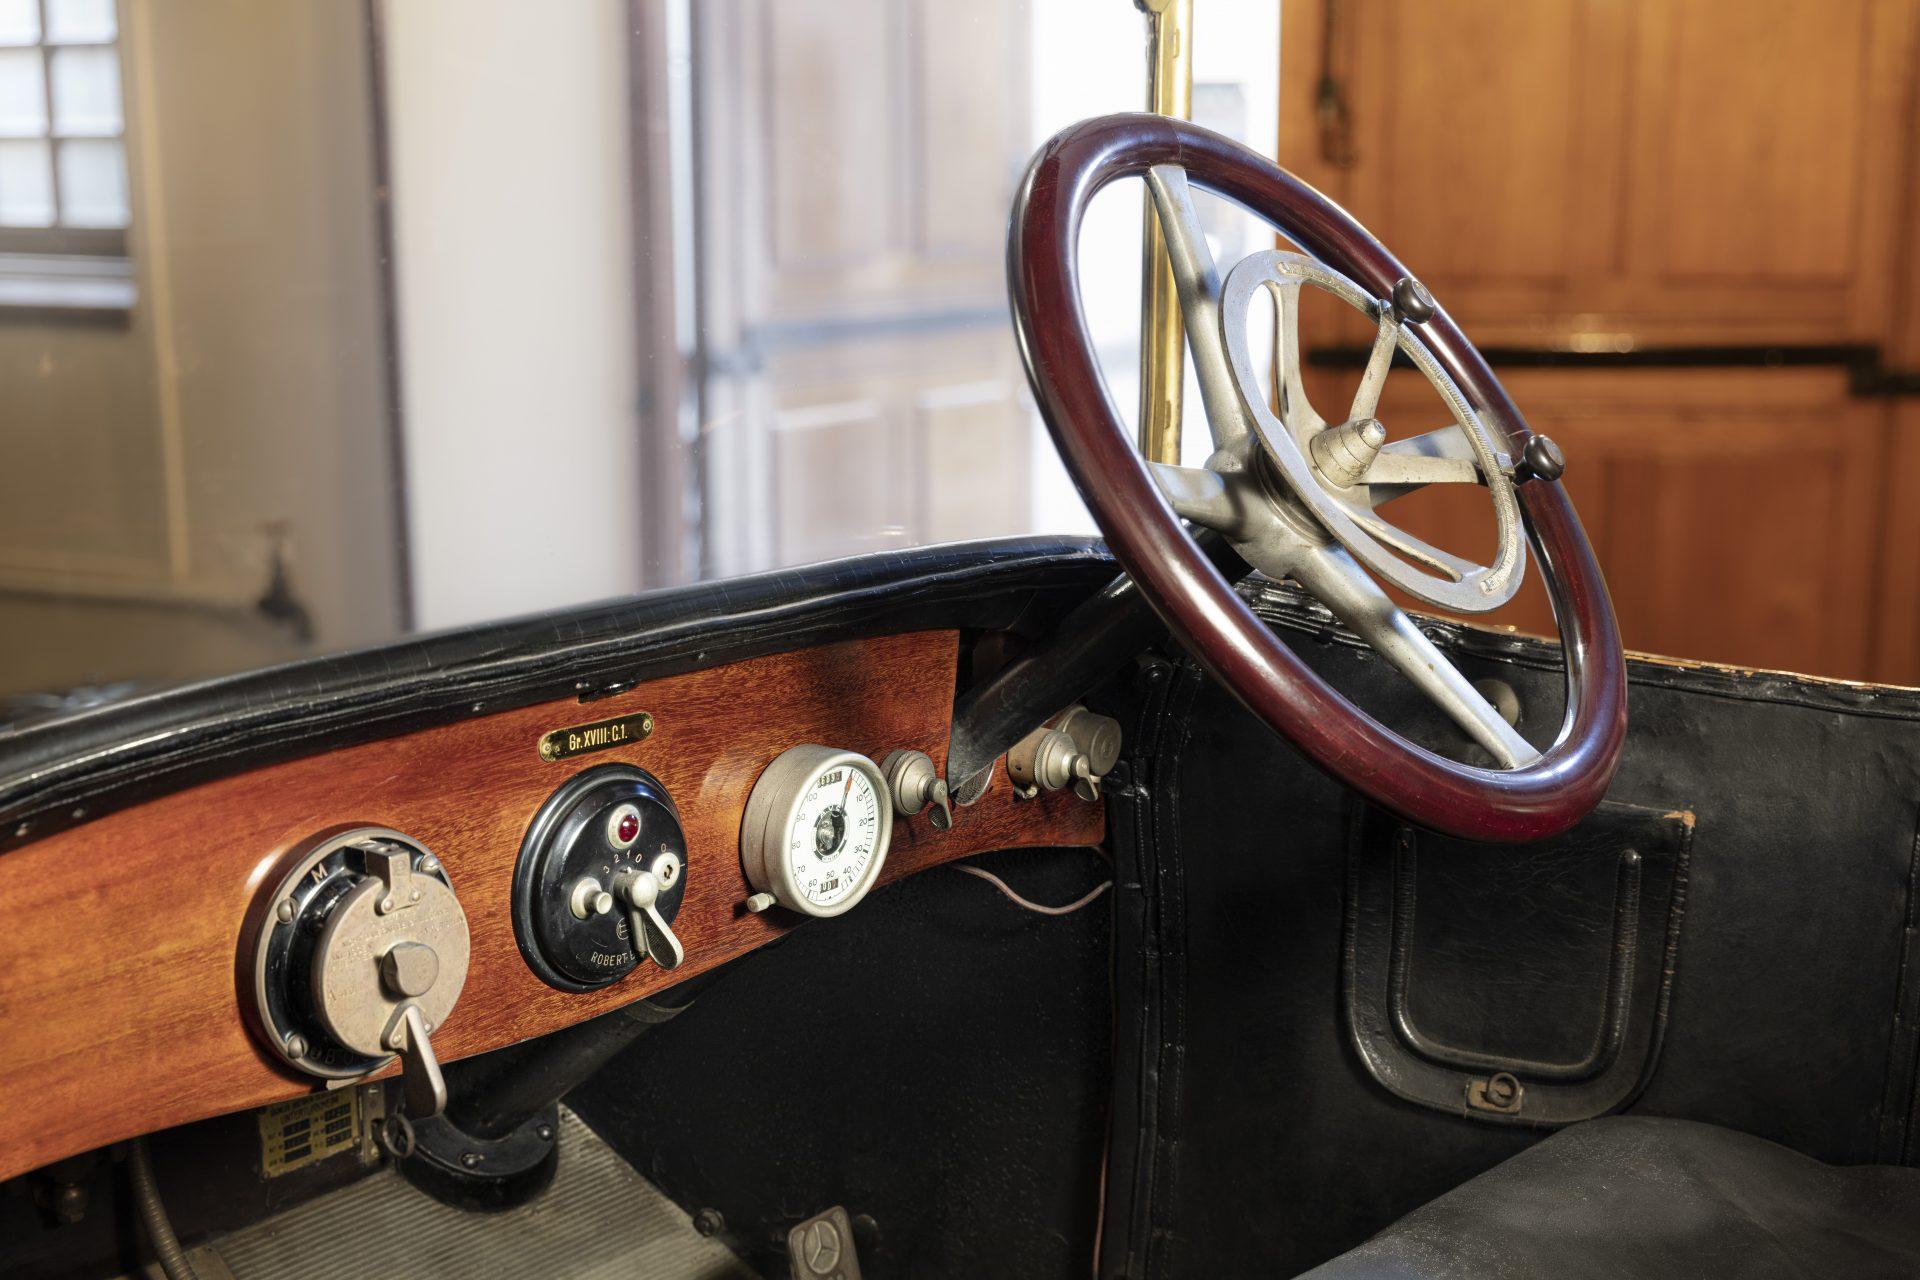 En interiör från förarsätet på en gammal bil.